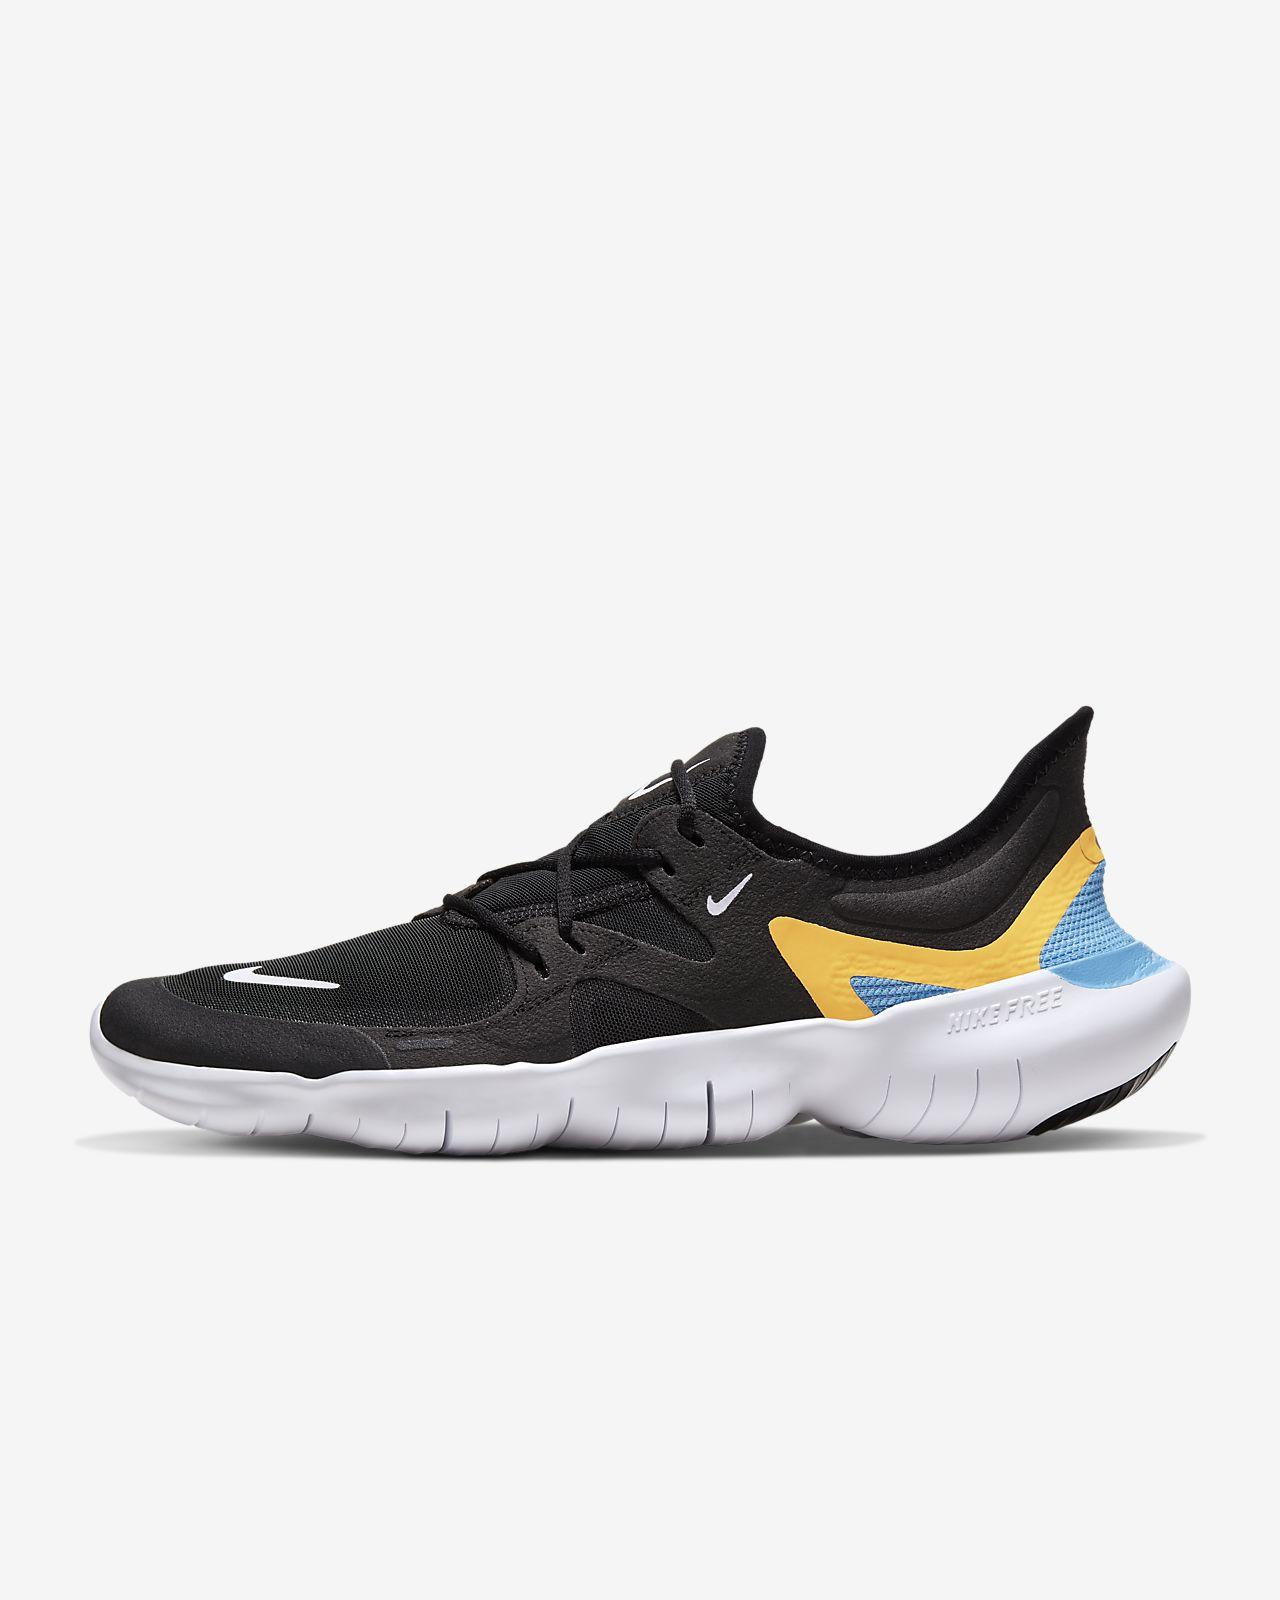 NIKE Herren Lauf-Freizeit-Schuhe NIKE FREE RN 5.0 schwarz weiss AQ1289 003